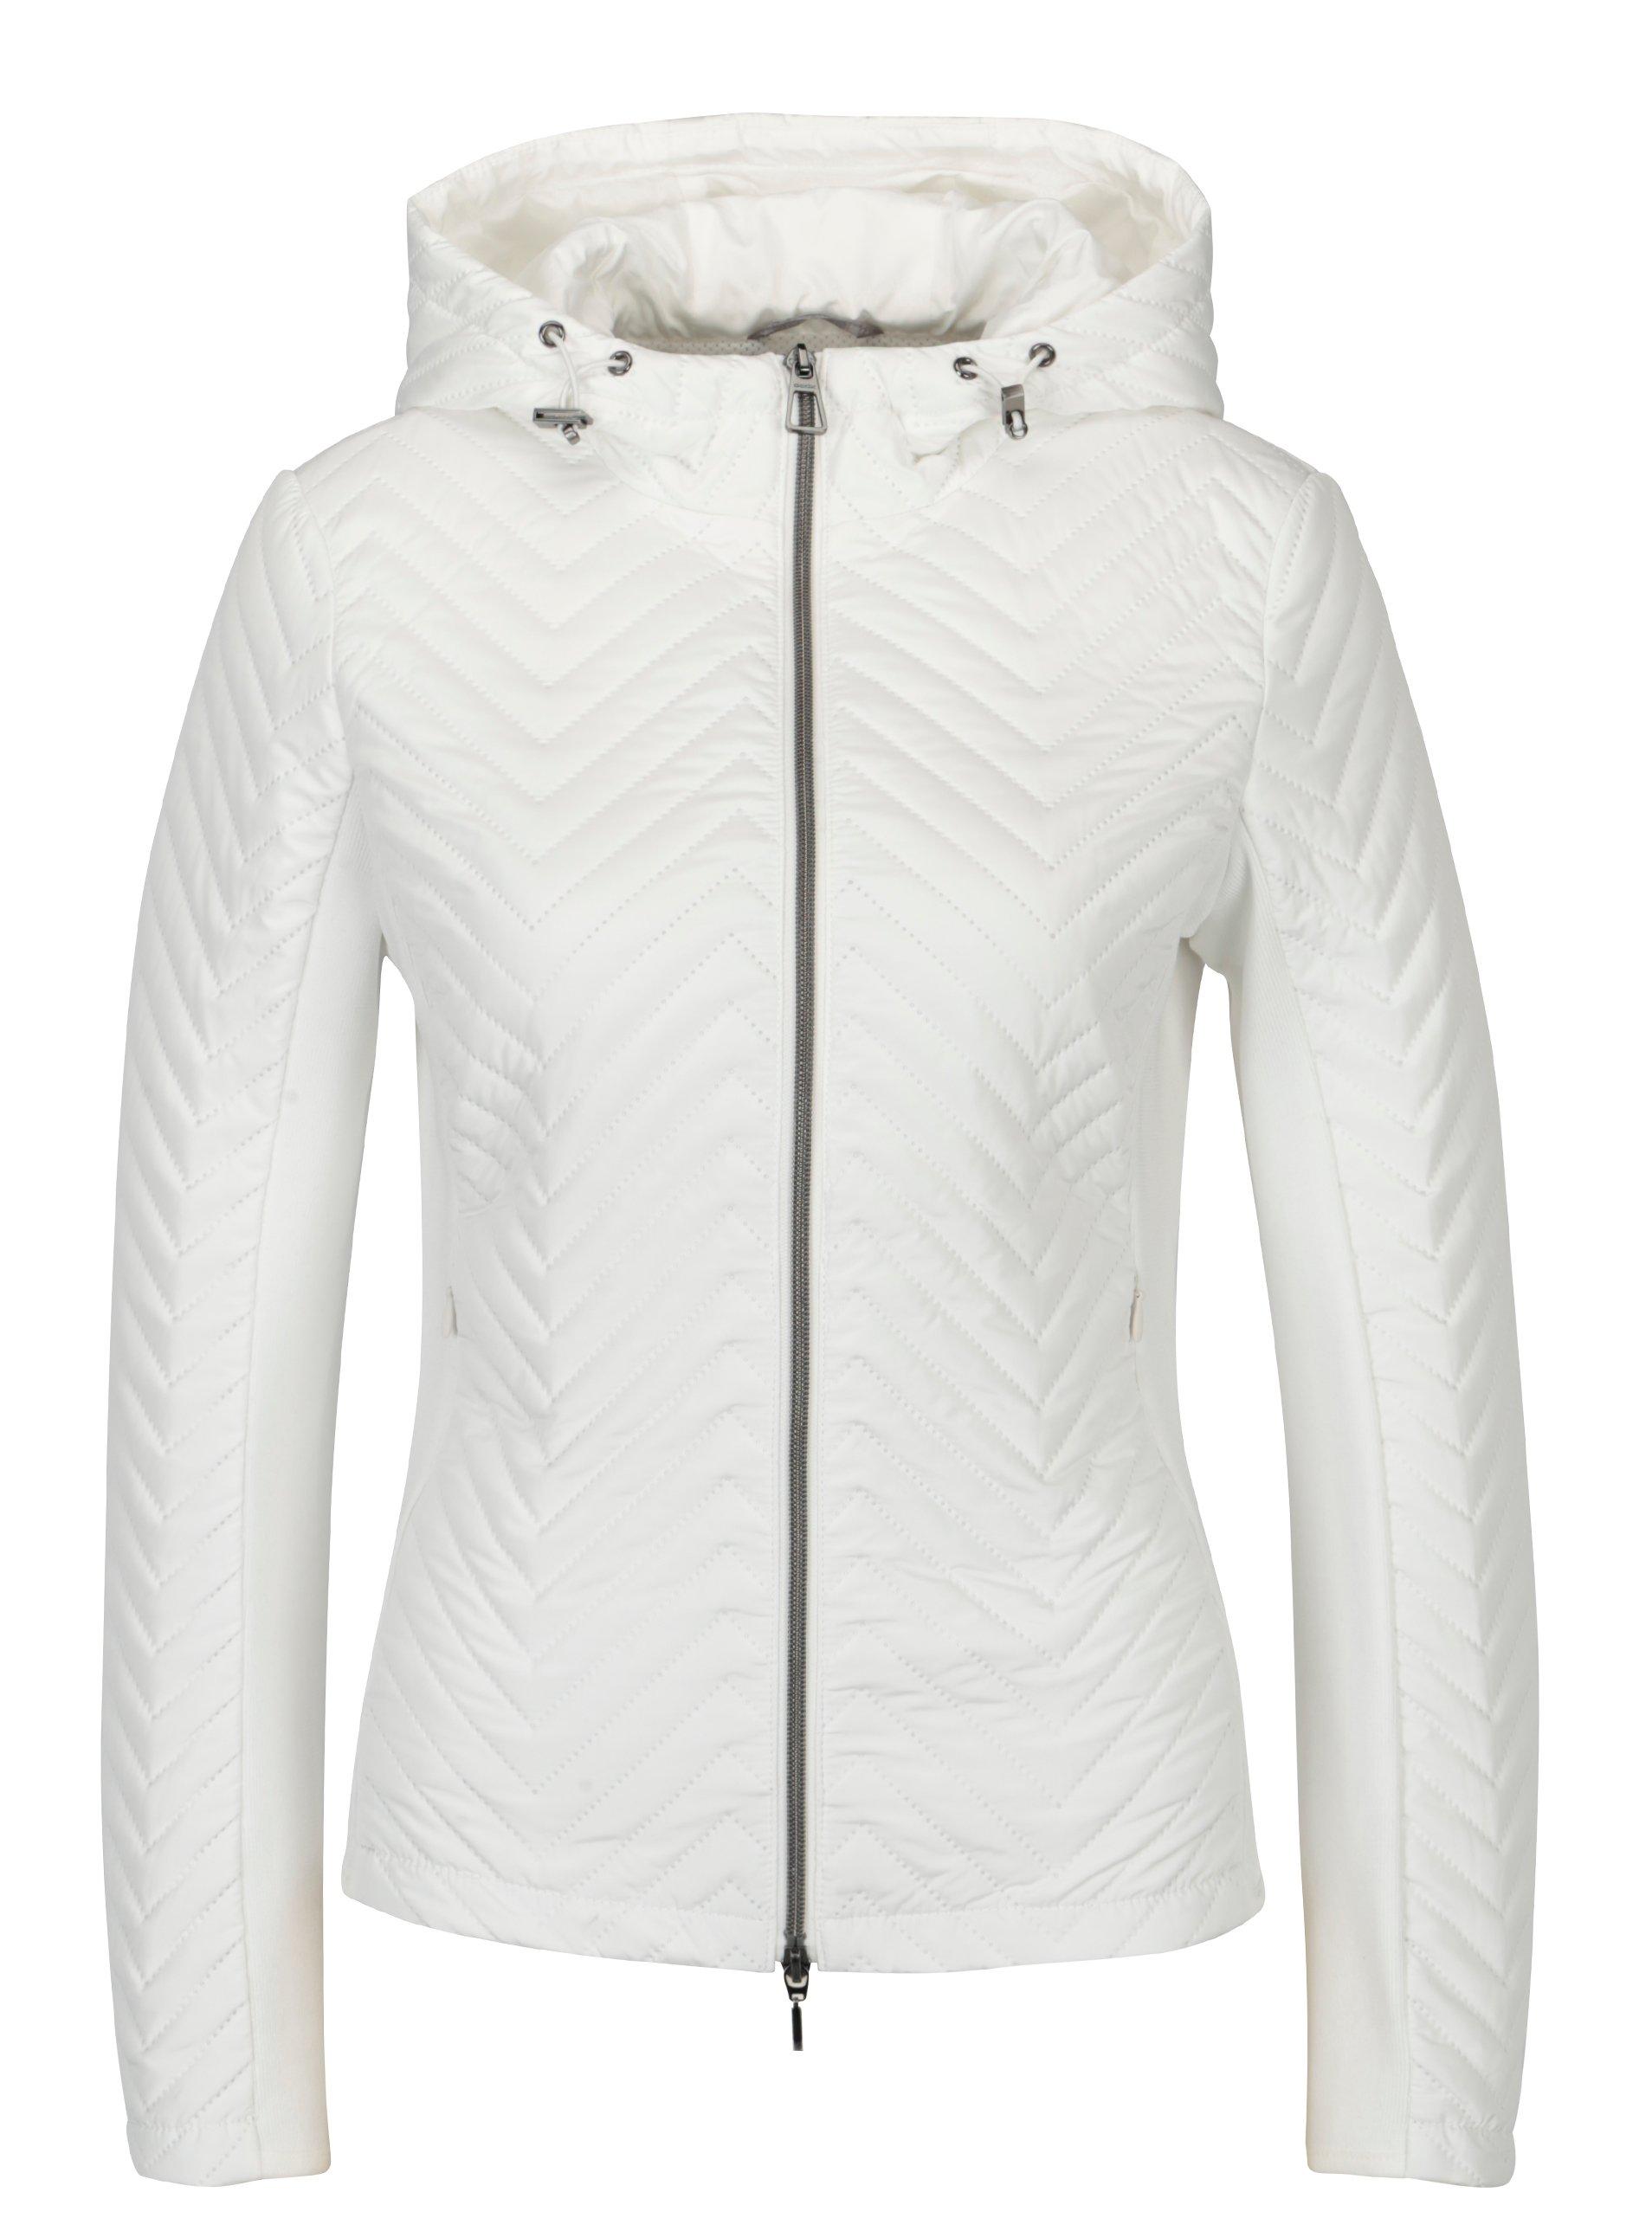 Fotografie Bílá dámská lehká perforovaná bunda s kapucí Geox